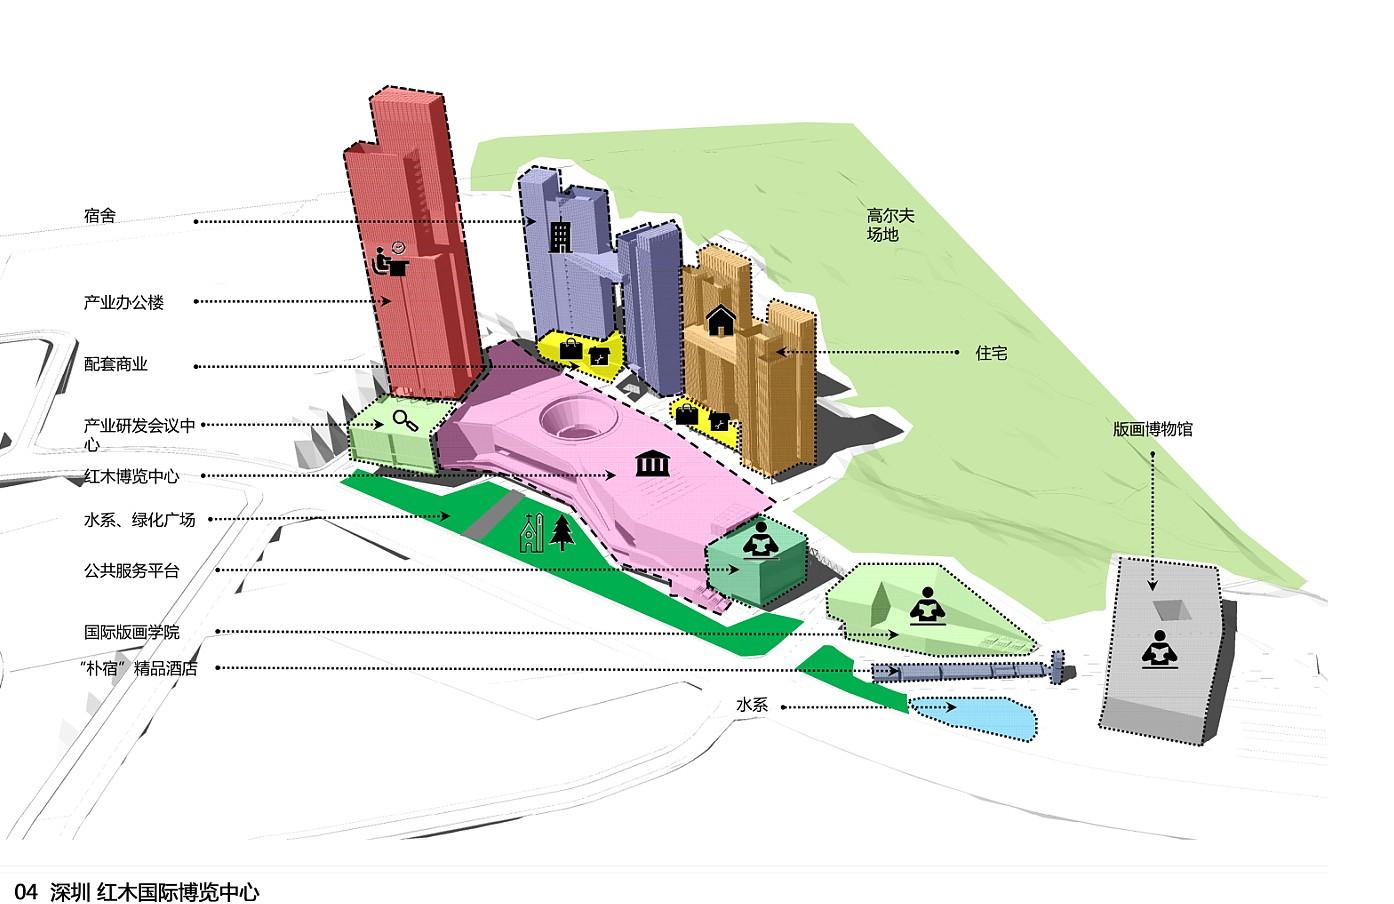 红木国际博览中心概念方案